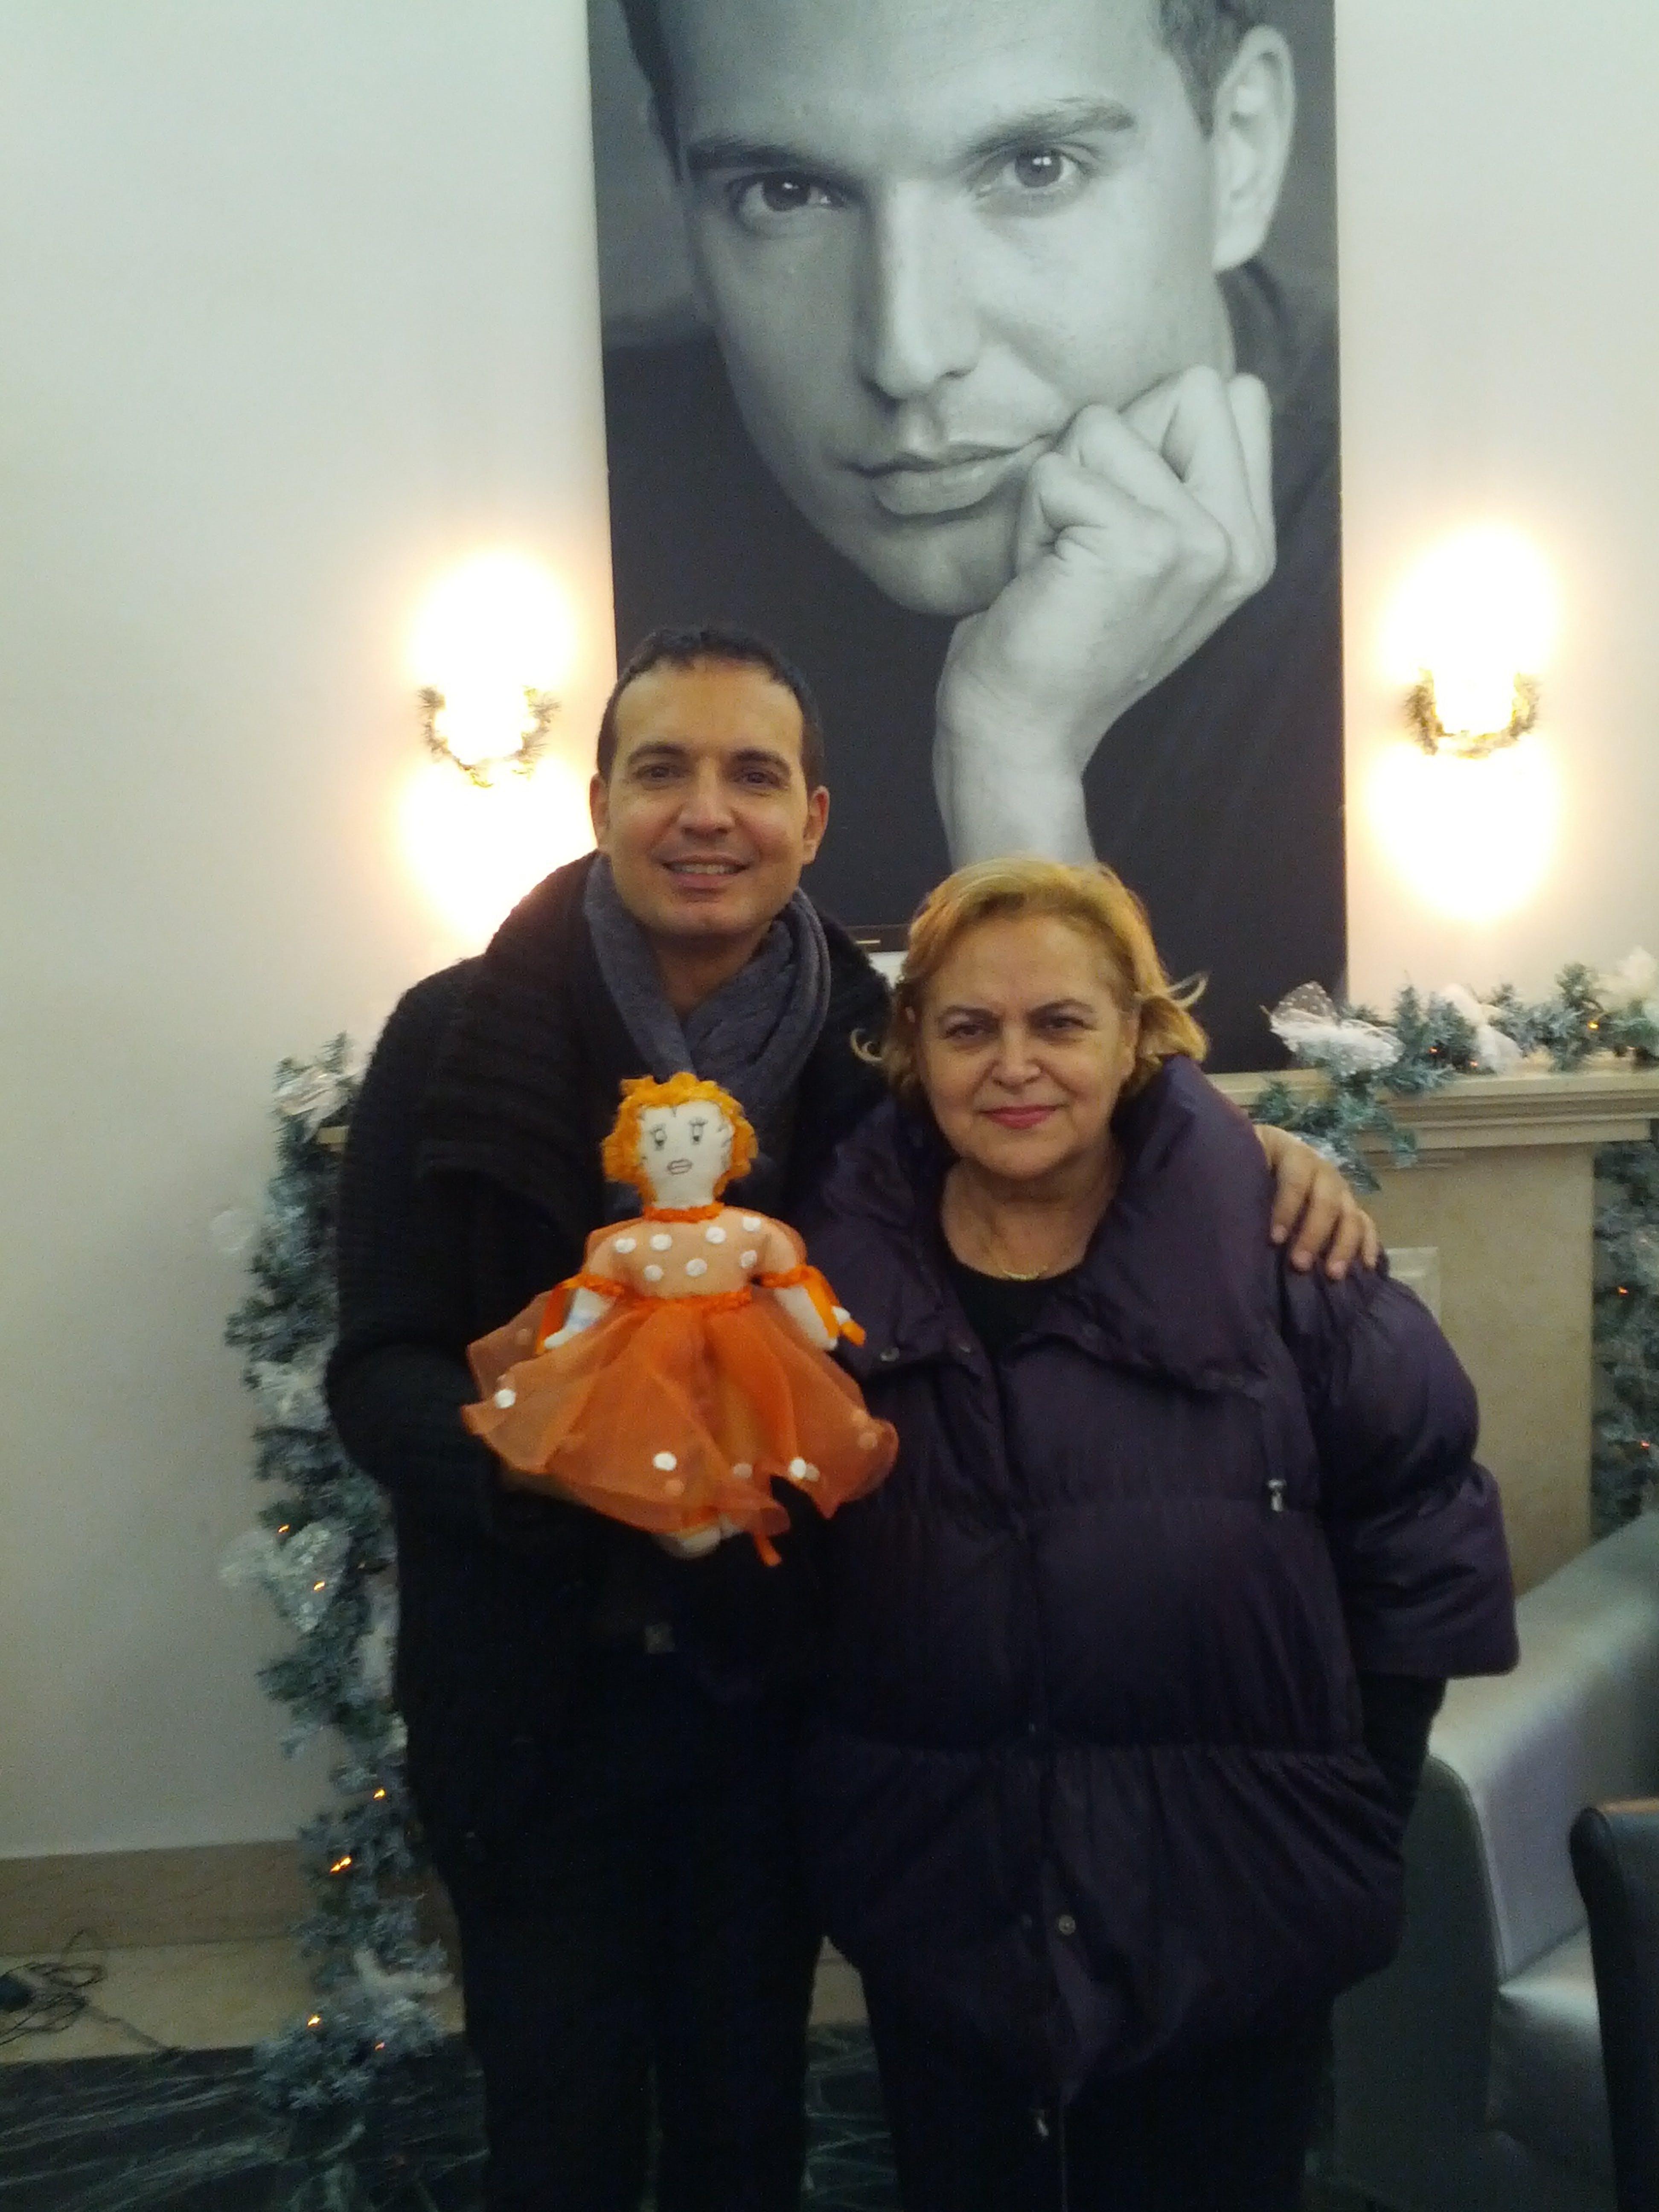 La Pigotta a Civitavecchia torna per festeggiare il Natale